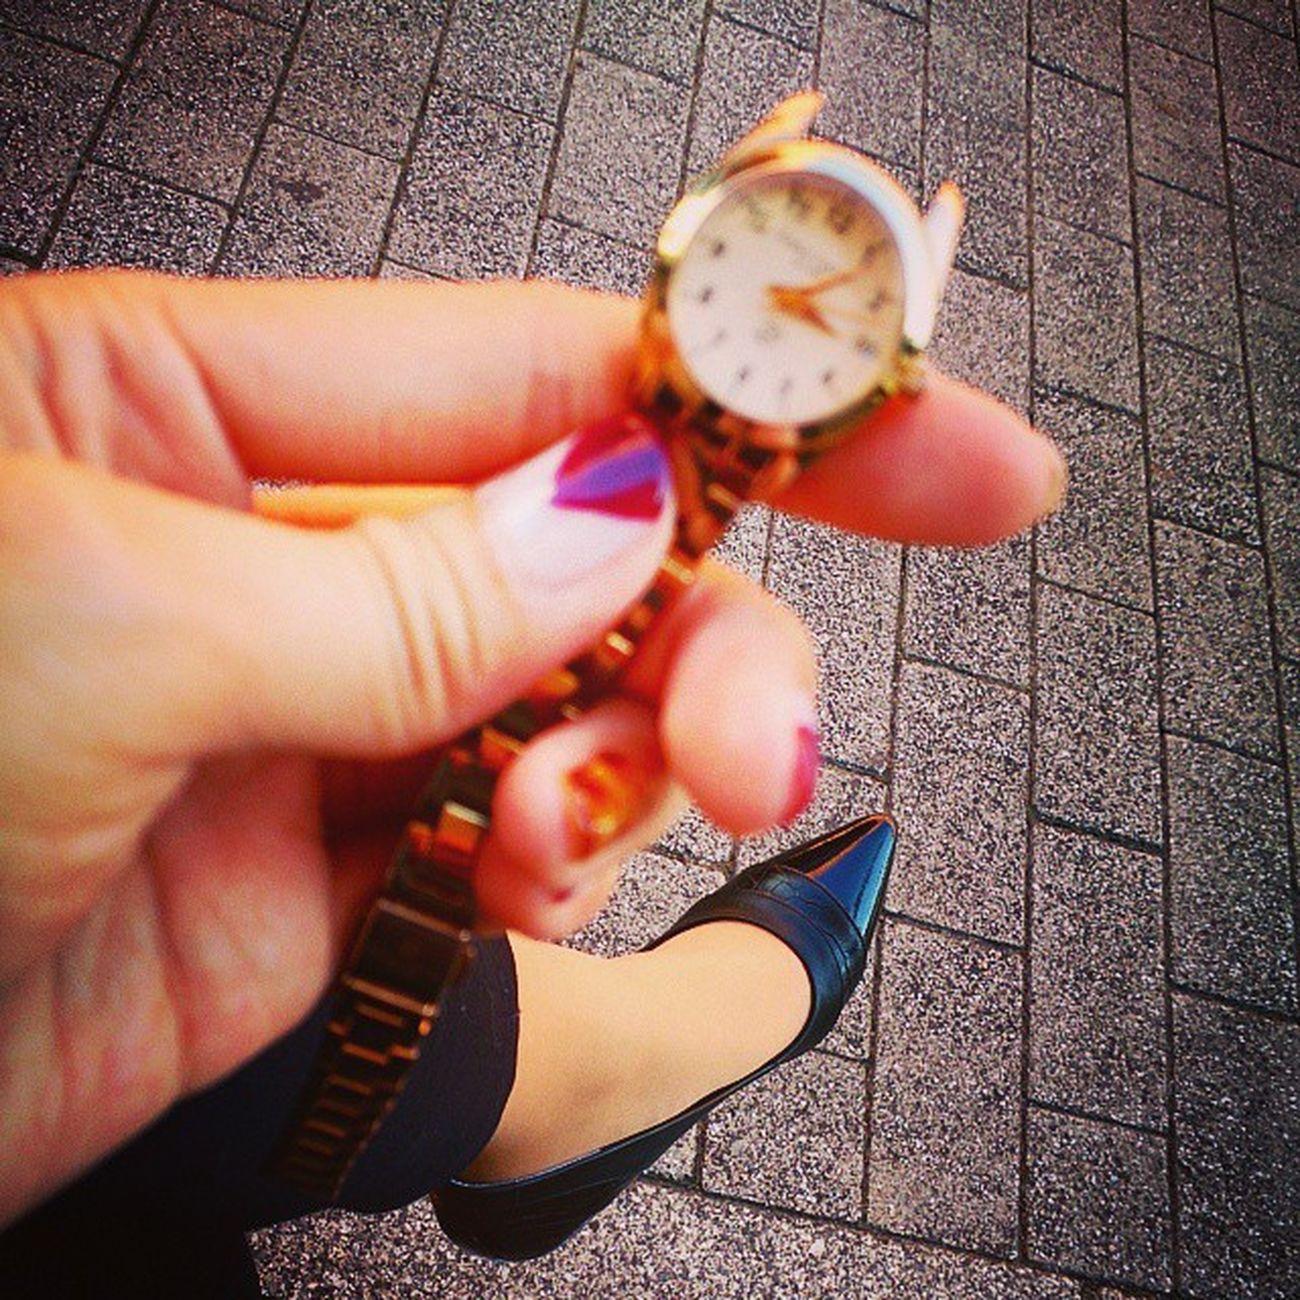 ガーン 時計壊れた。 お会計してるとき飛んでった。。。 壊れたパーツ行方不明 (´-ω-`)orz 壊れた時計 無念 Orz (T^T)